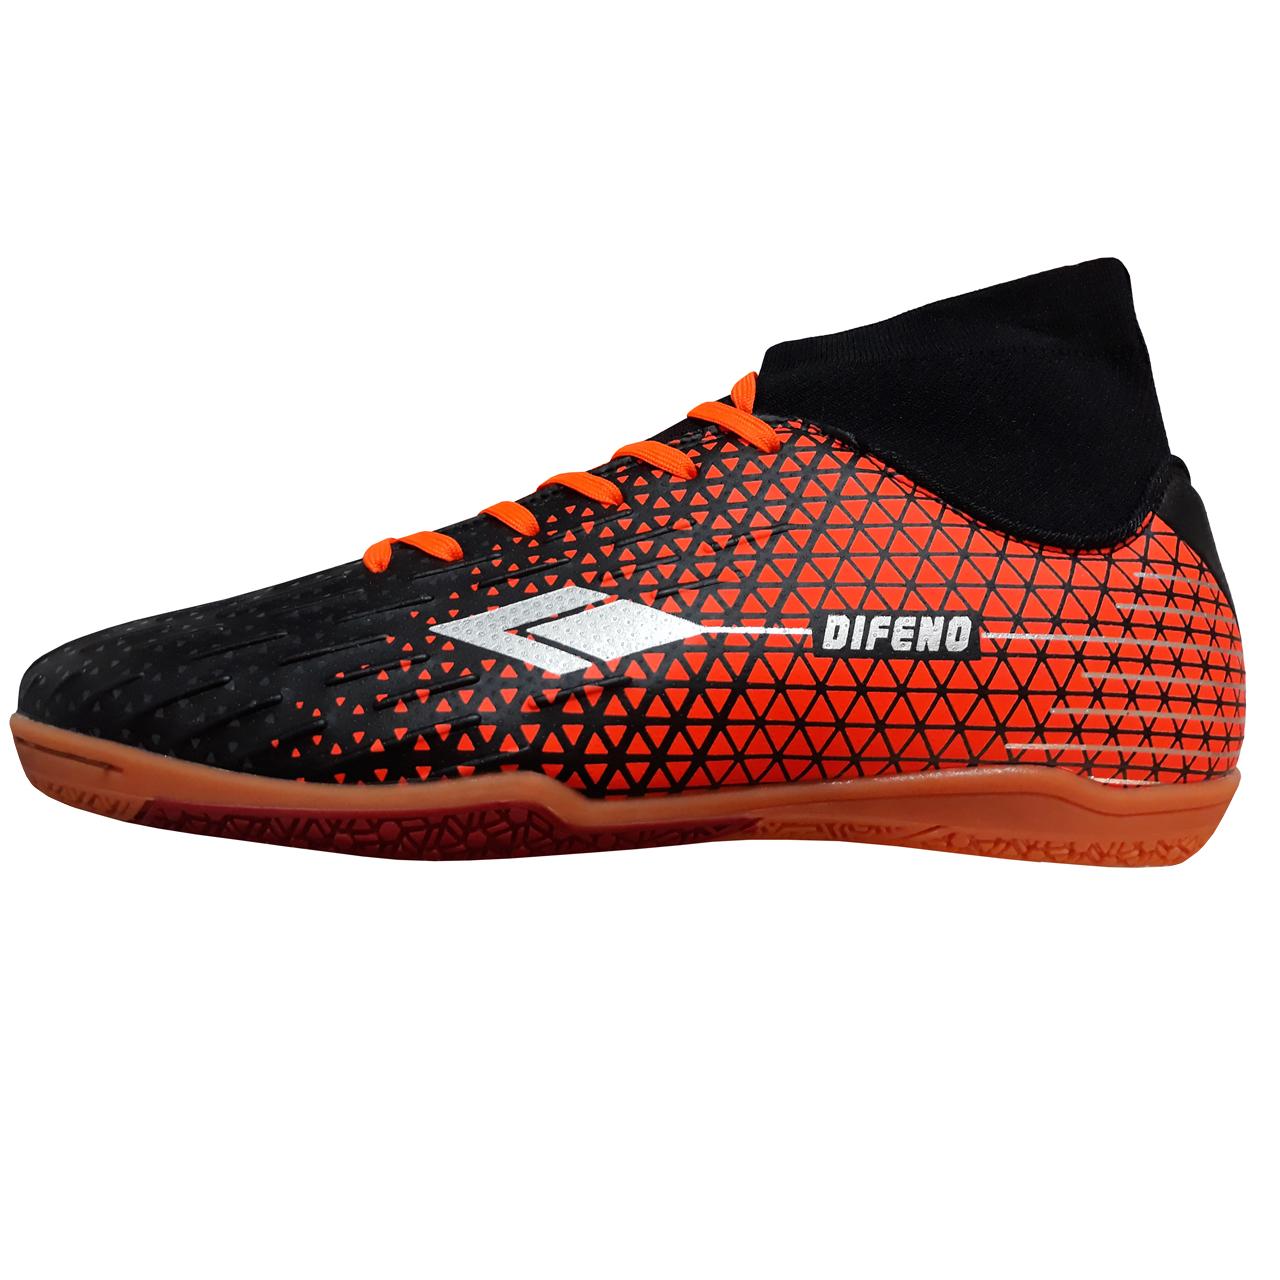 کفش فوتسال مردانه دیفانو دفانو مدل DEF4